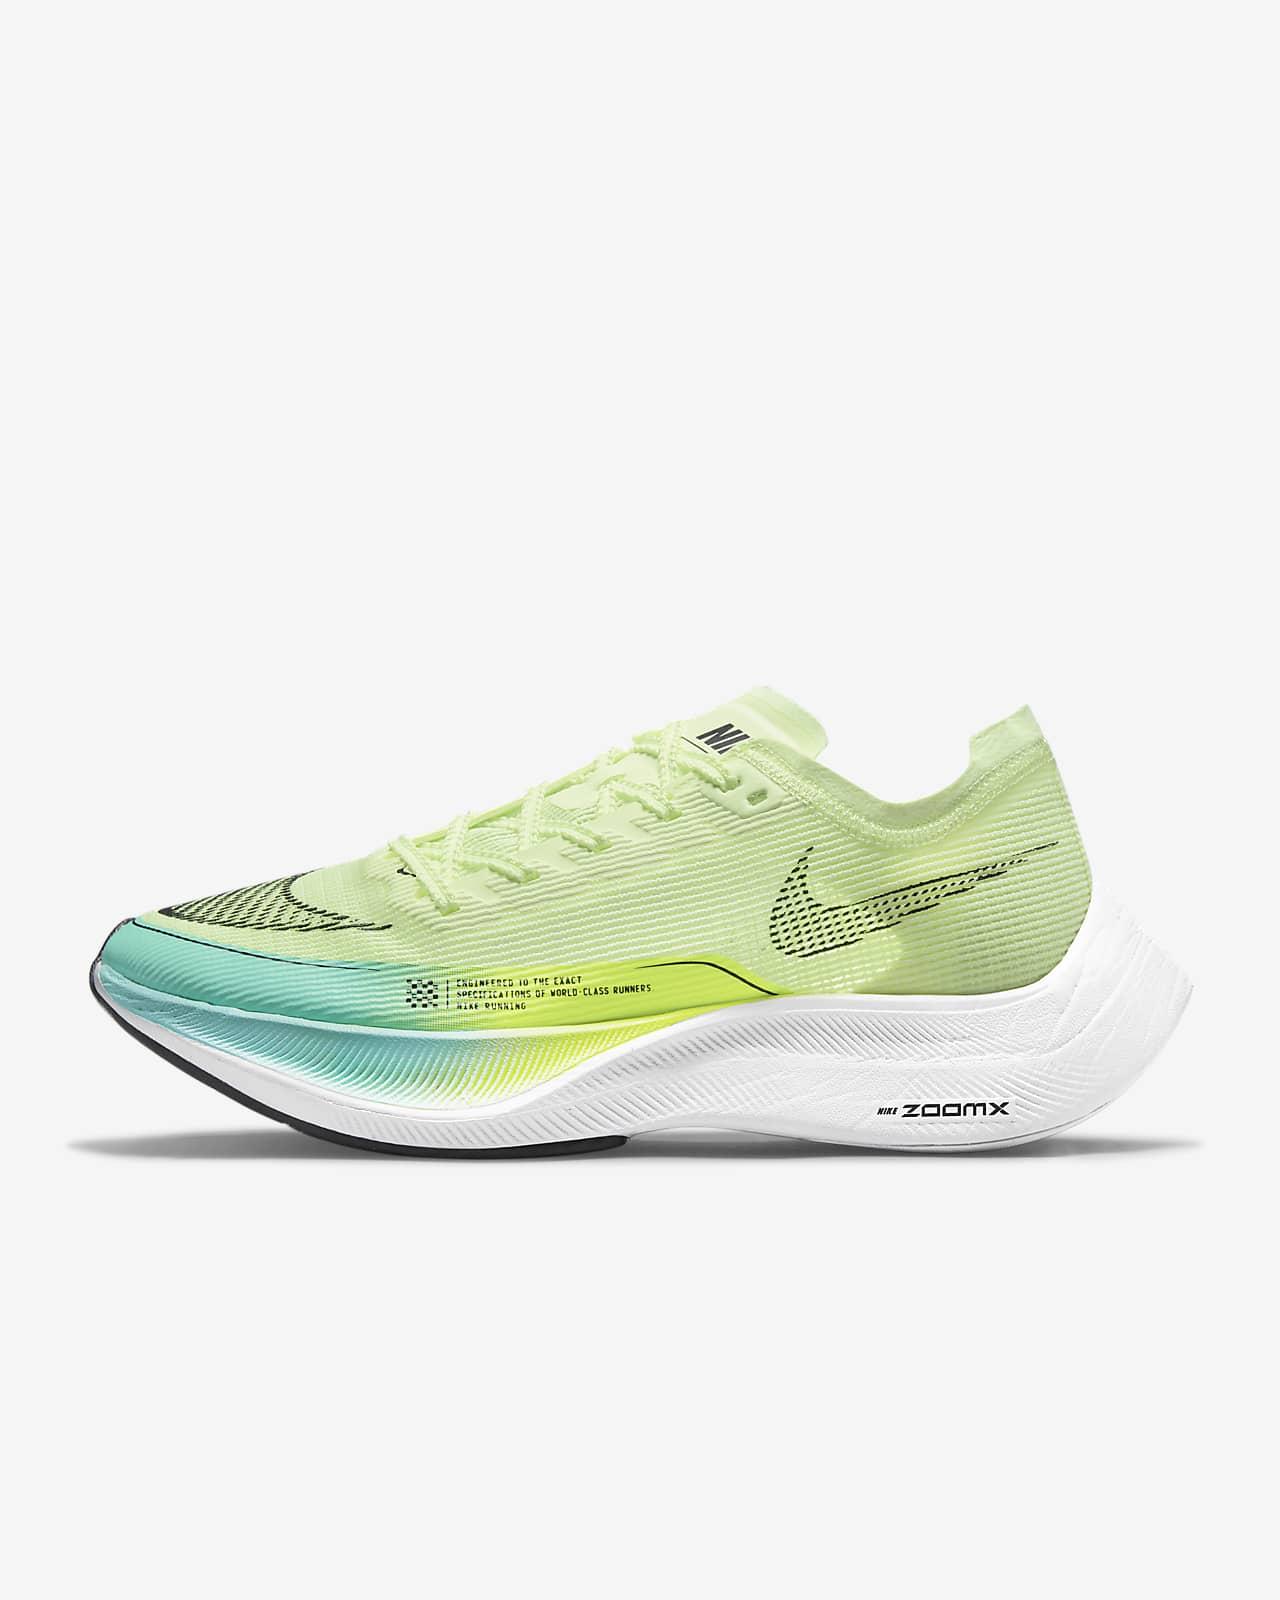 รองเท้าวิ่งโร้ดเรซซิ่งผู้หญิง Nike ZoomX Vaporfly Next% 2